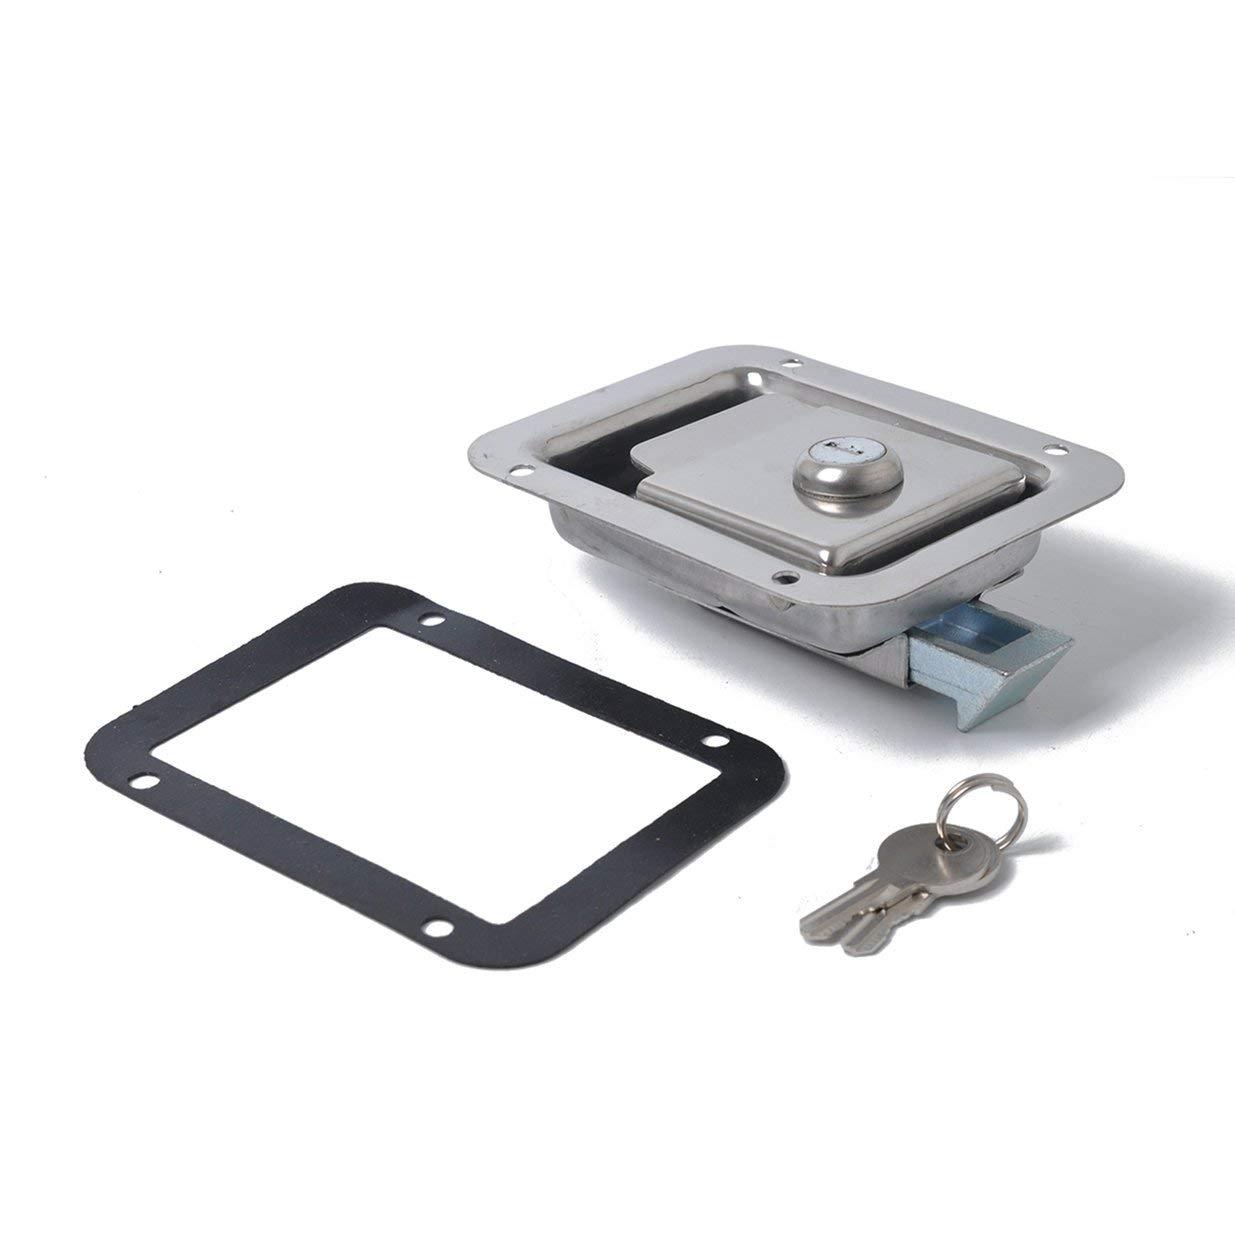 banbie8409 Verrou de palette d'outils en acier inoxydable Verrou de palette portable